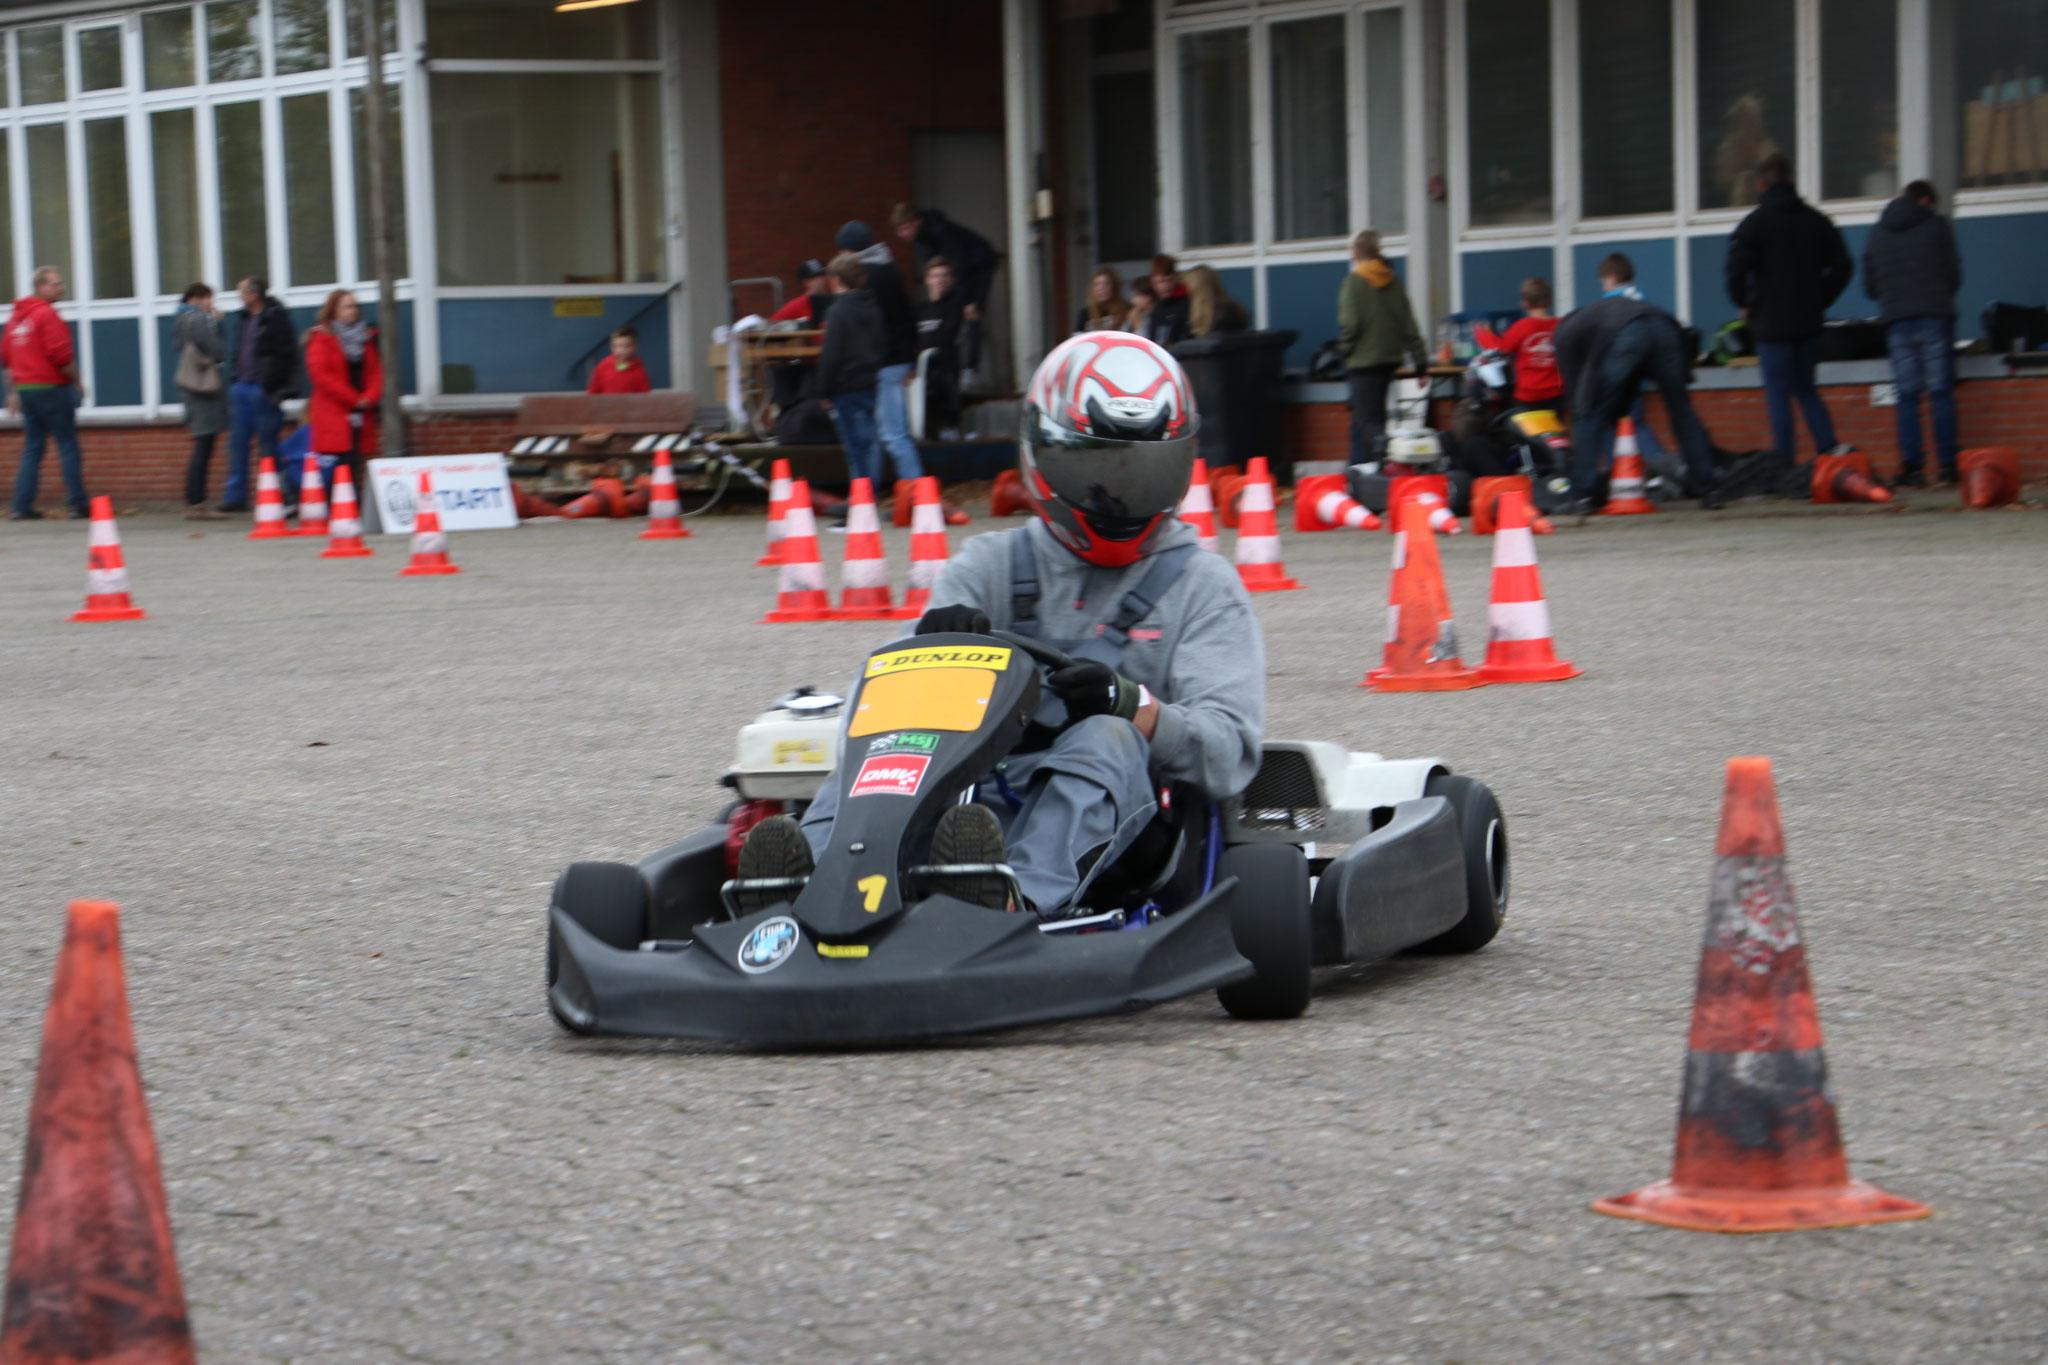 Auch die Eltern durften heute fahren: Trainer Oskar Föge